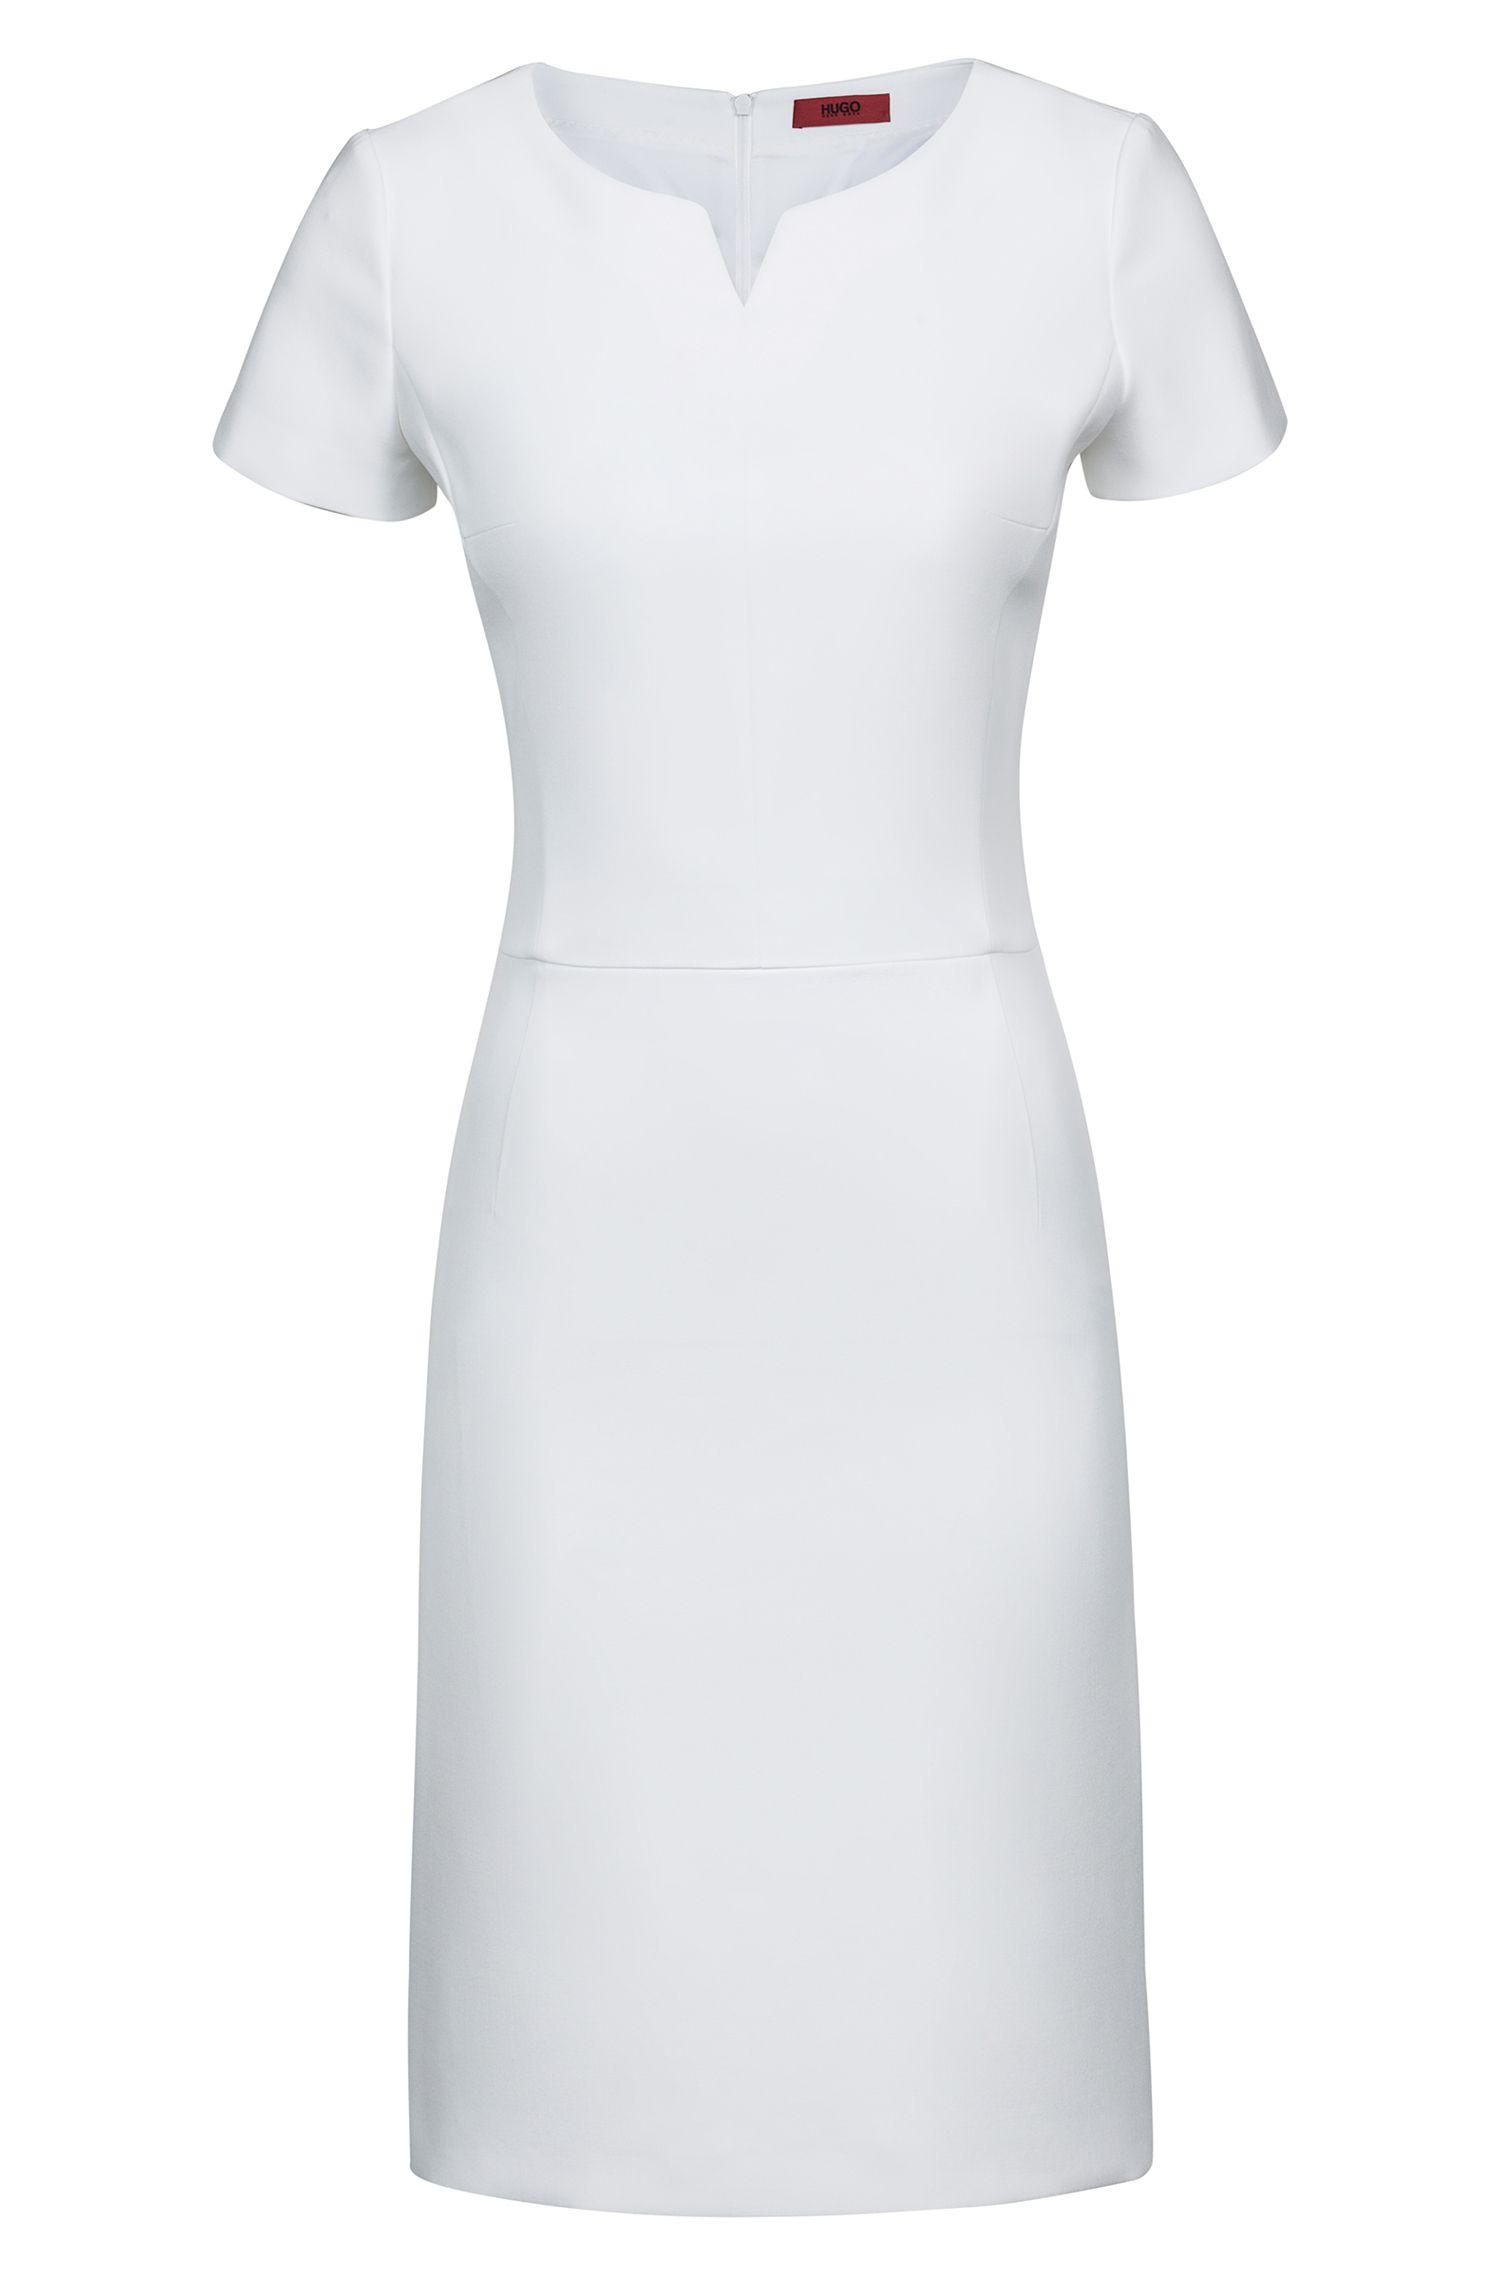 Vestito business aderente a maniche corte in tessuto elasticizzato